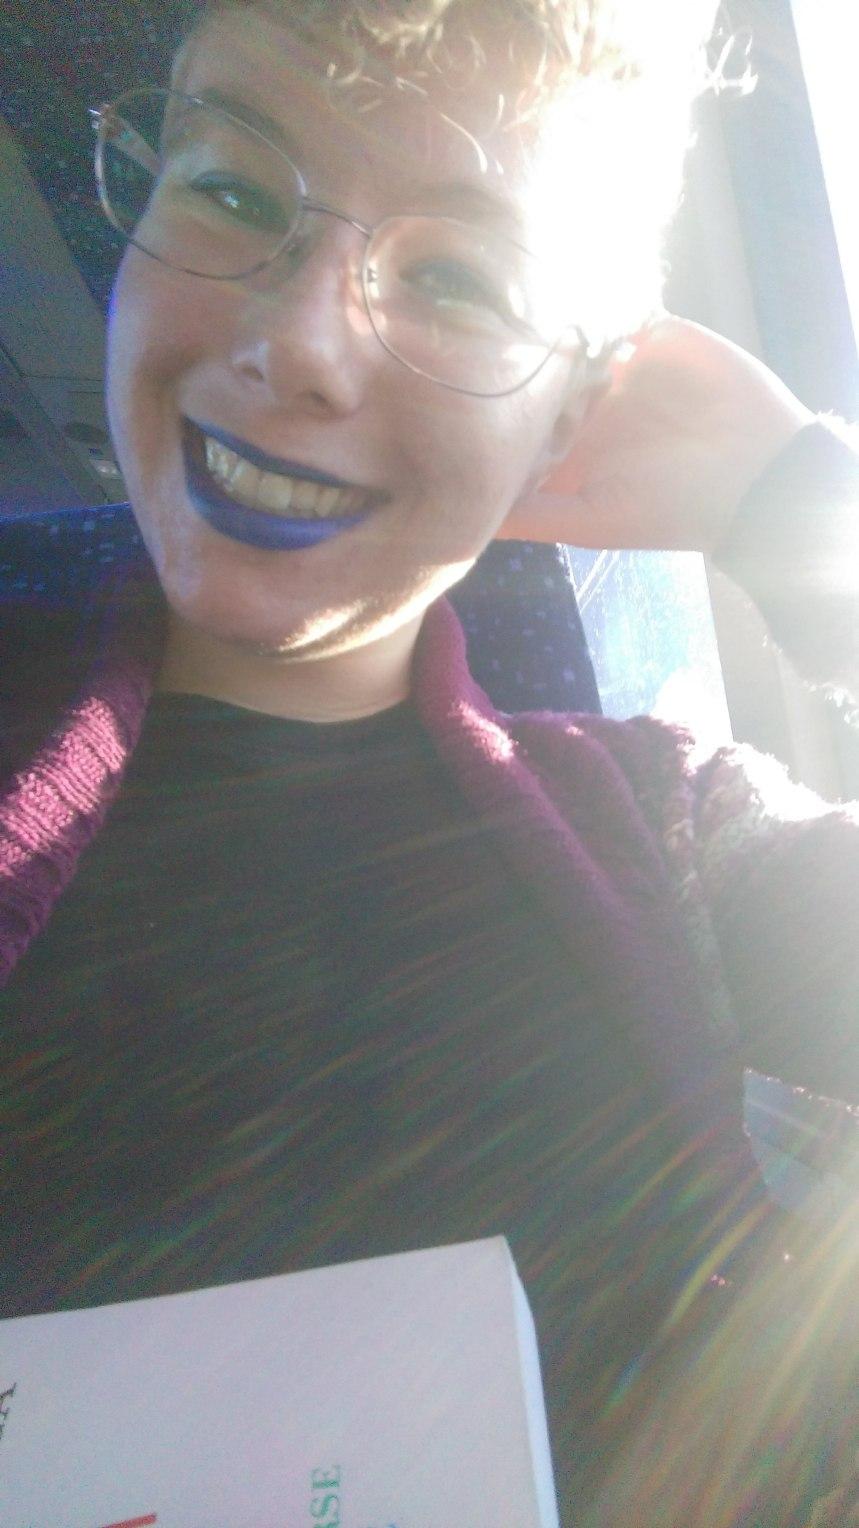 selfie PC: KSB